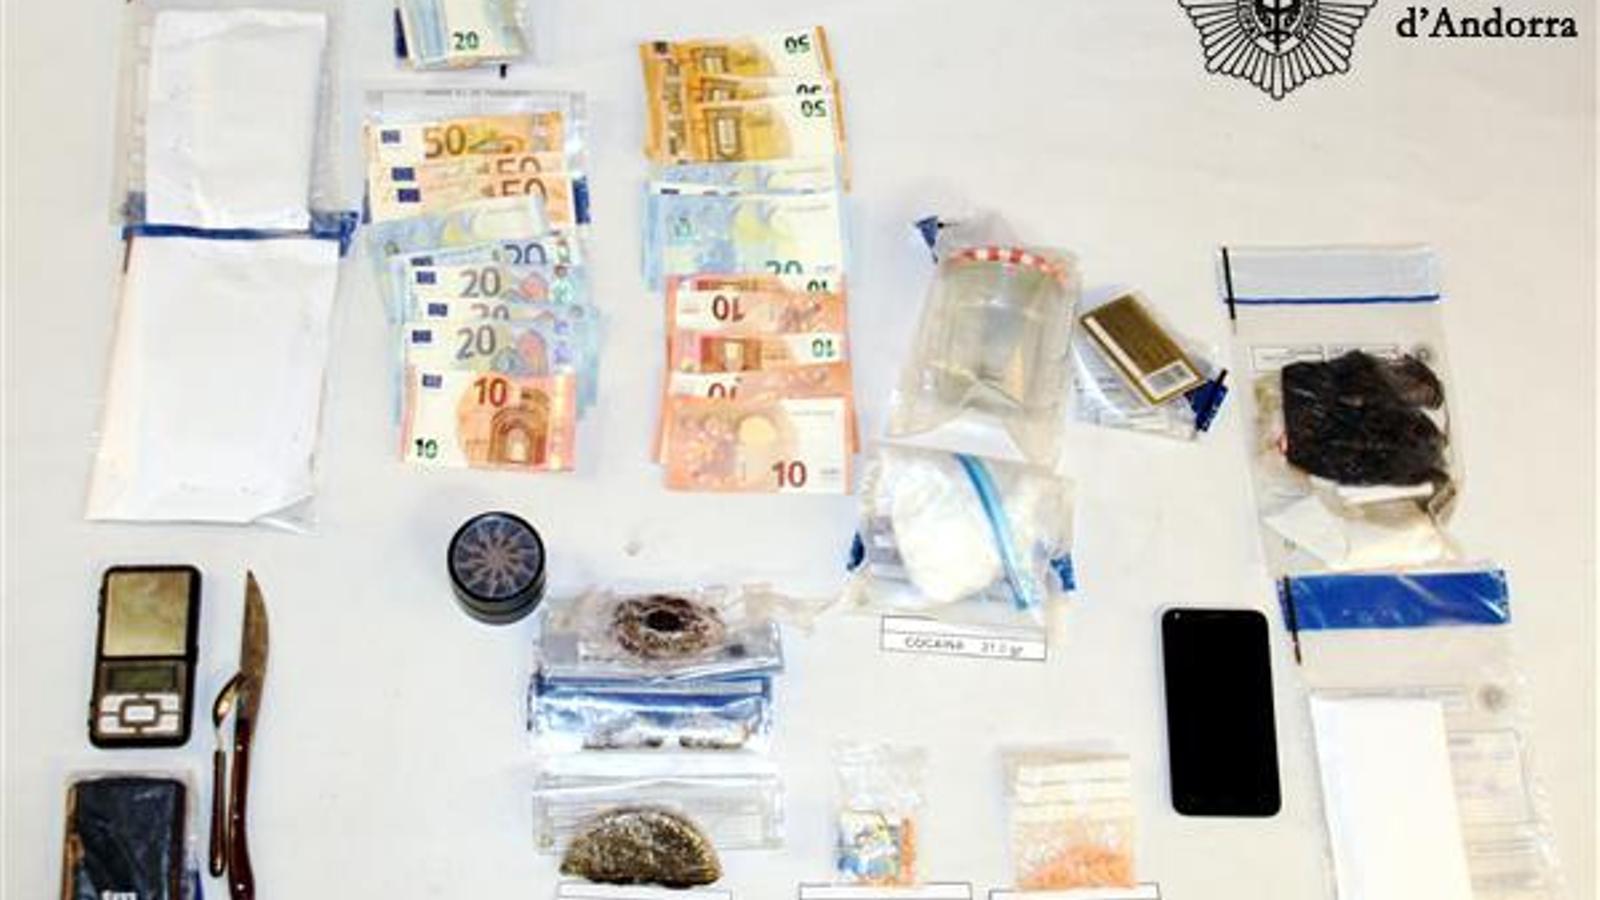 El material confiscat per la policia durant l'actuació policial. / POLICIA D'ANDORRA